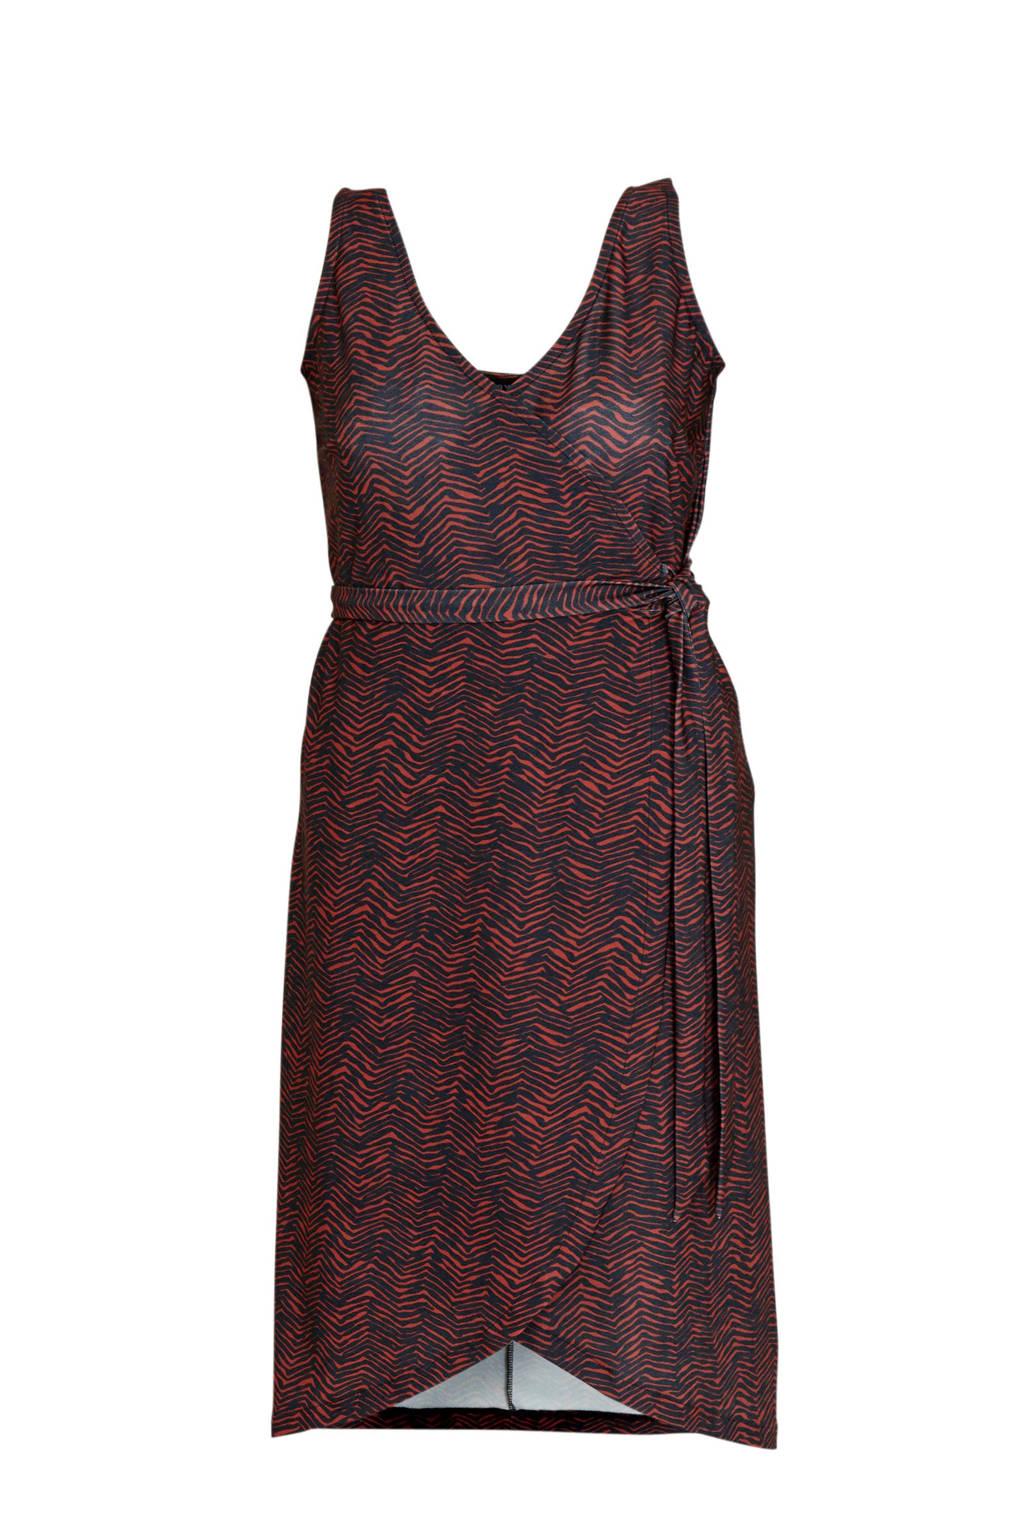 anytime wikkel-look jurk Plus size met zigzag print zwart/rood, Zwart/rood